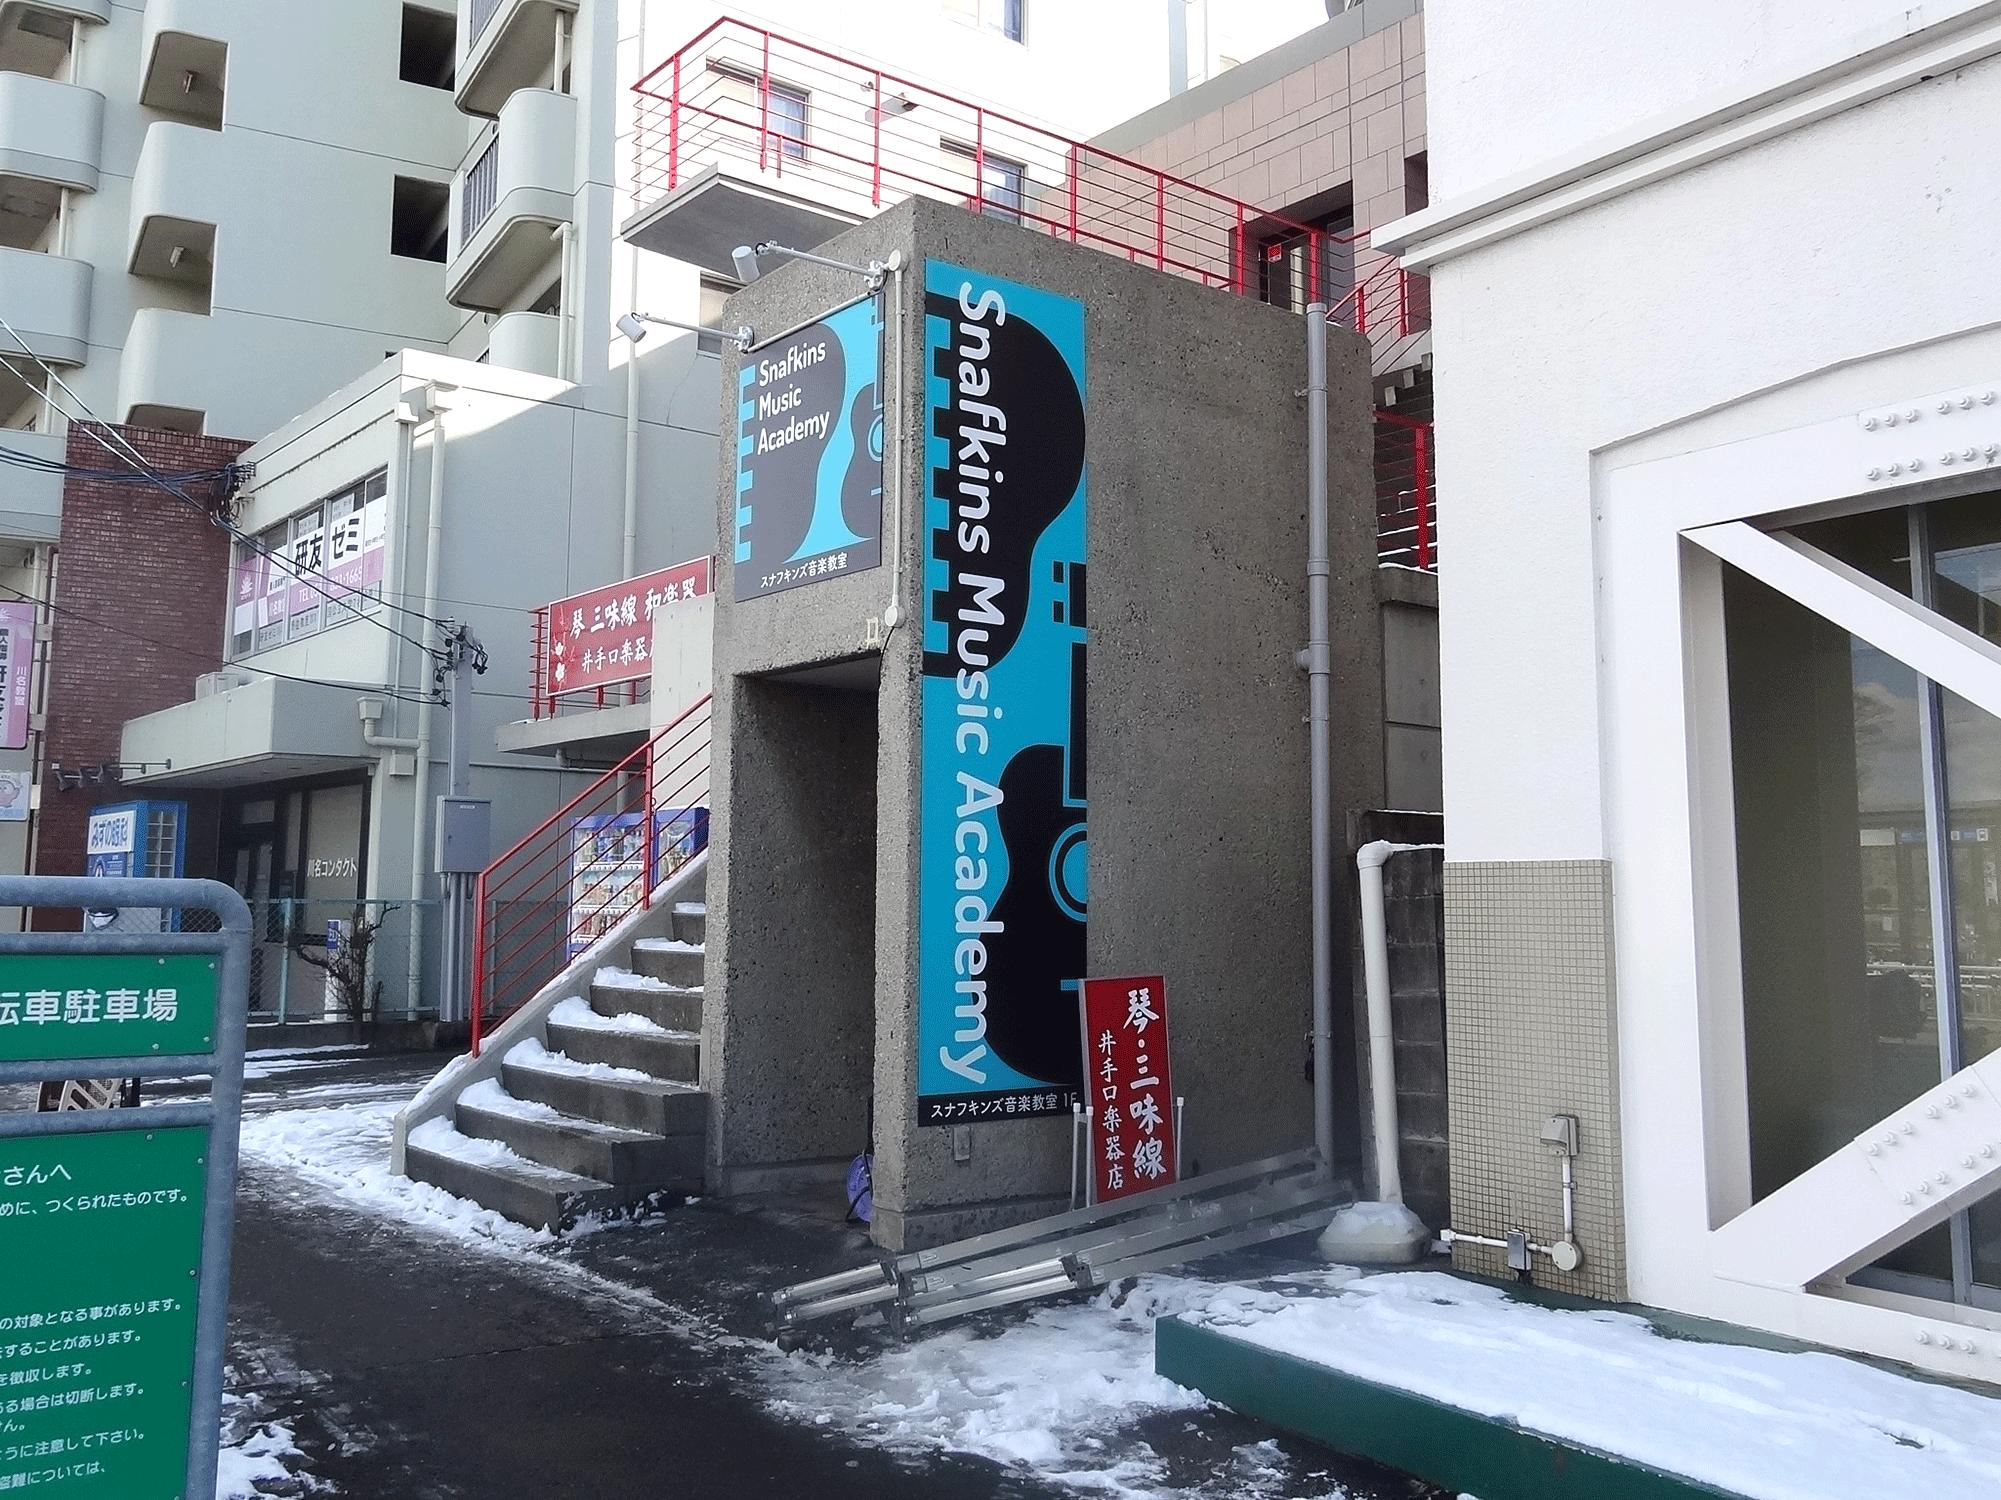 ファサード・壁面看板施工事例写真 愛知県 かべ3面の平看板とLEDスポットライト、カッティングシートの製作施工をさせていただきました